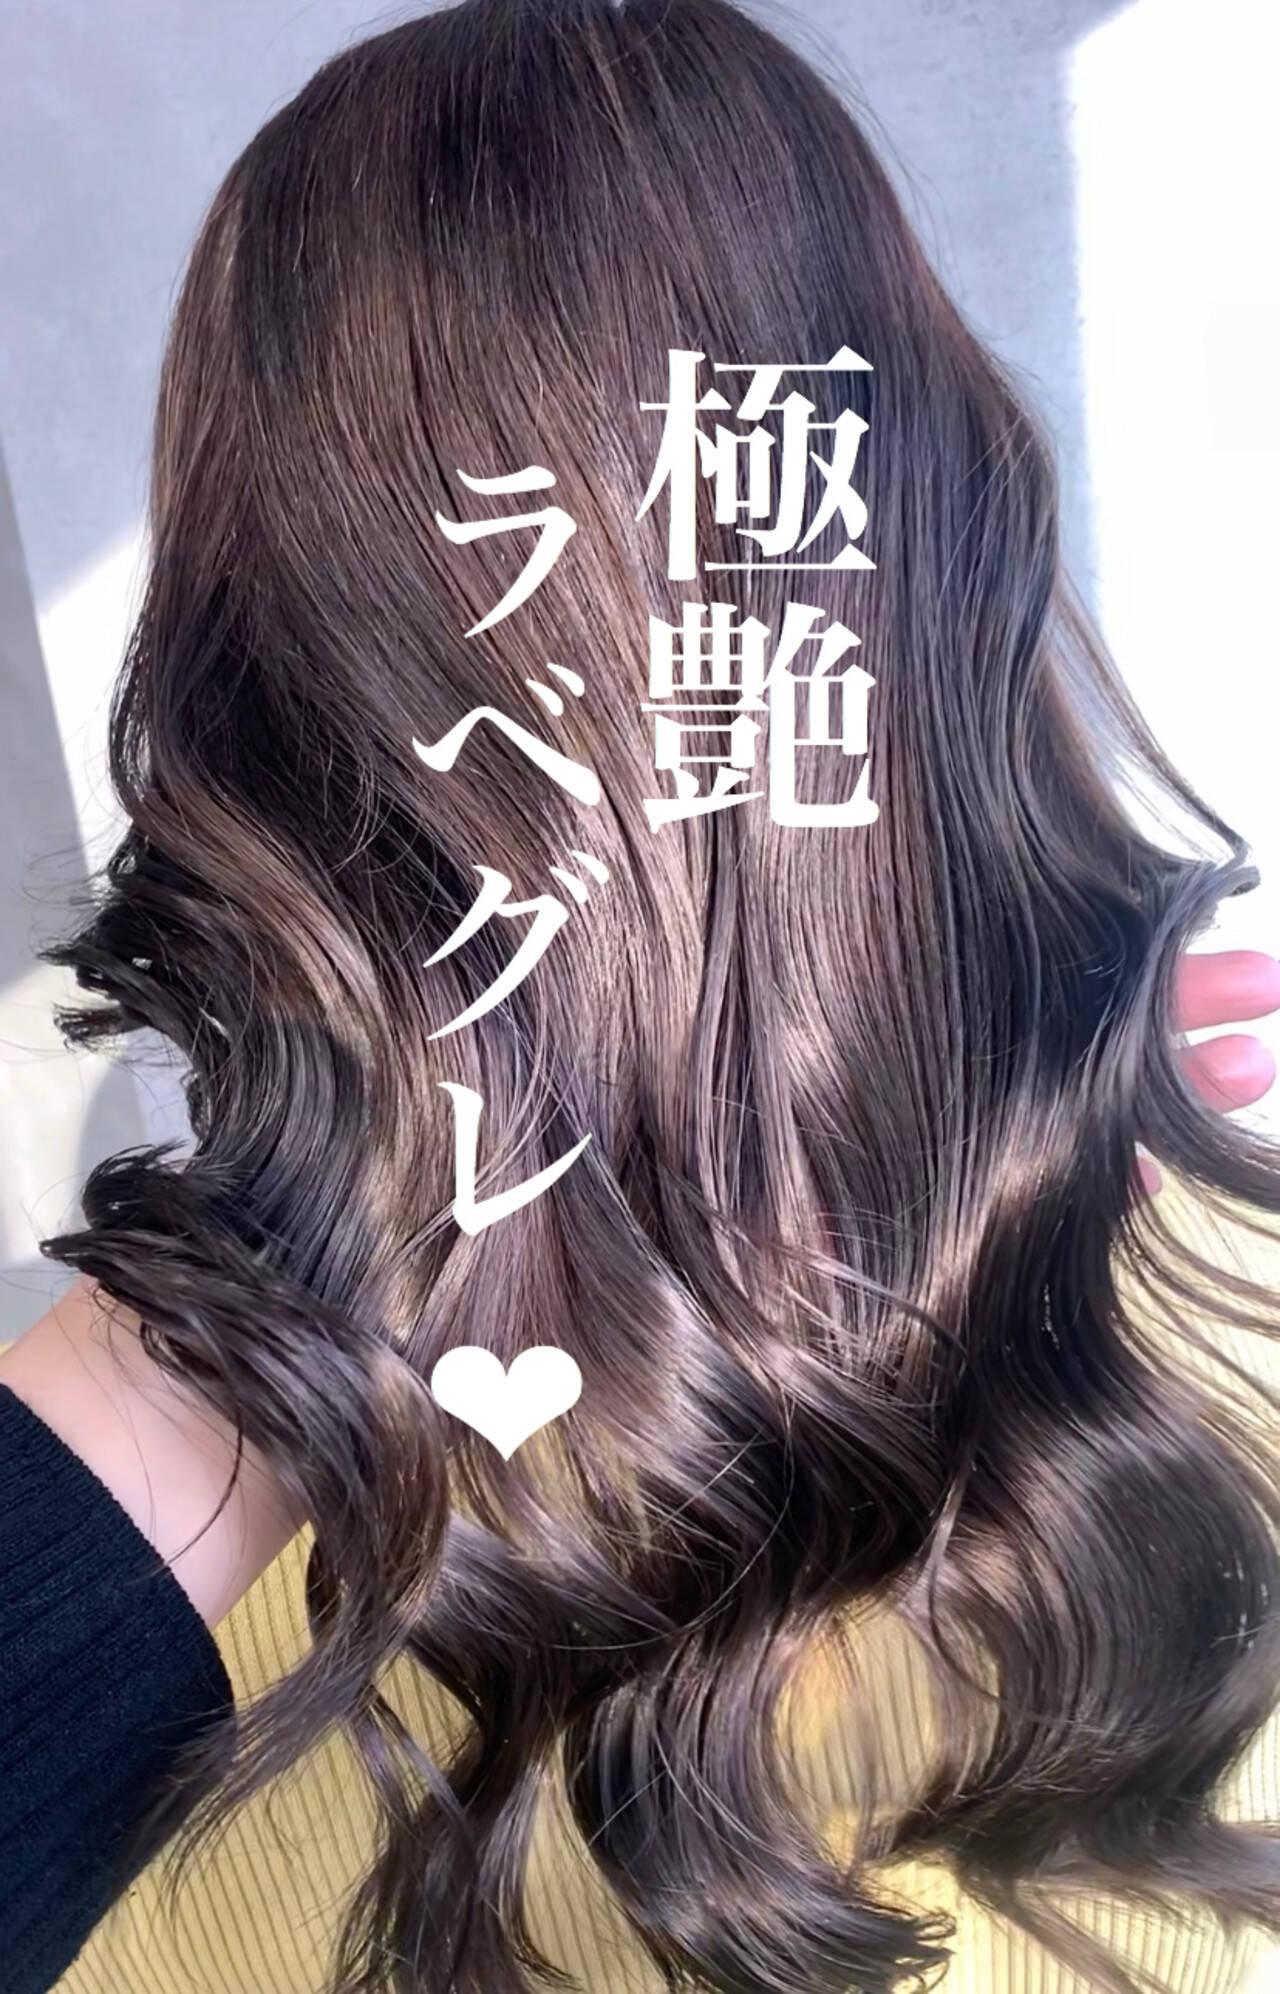 アッシュグレー エレガント ラベンダーアッシュ ラベンダーグレーヘアスタイルや髪型の写真・画像